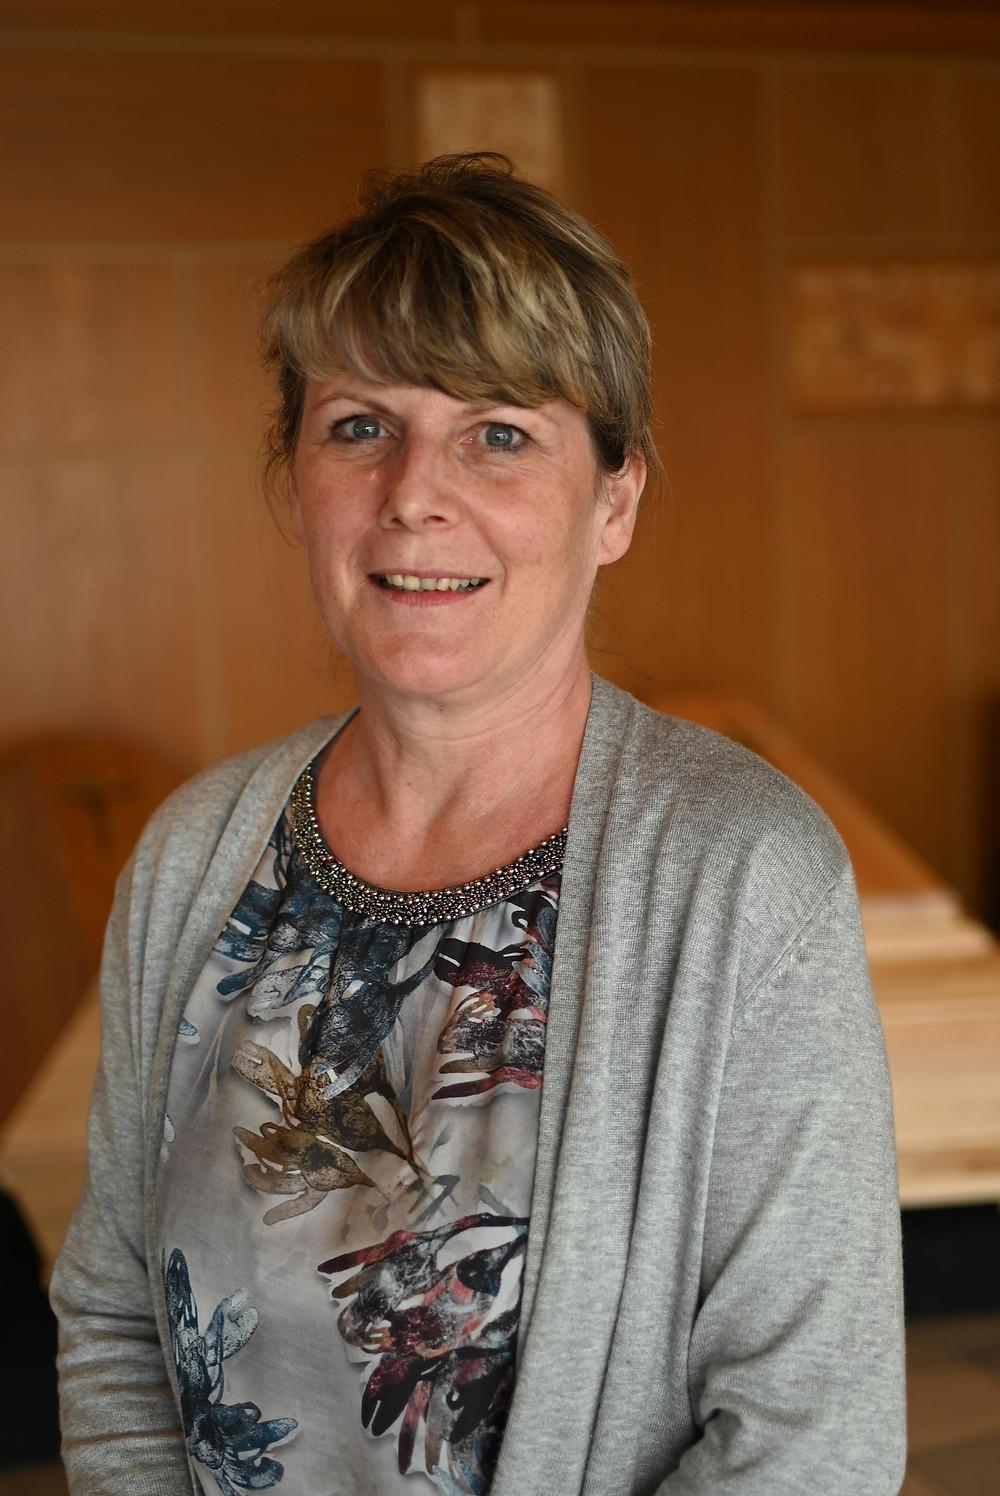 Christine Esterbauer steht im Ausstellungsraum und lächelt in die Kamera. Ein Porträtfoto.